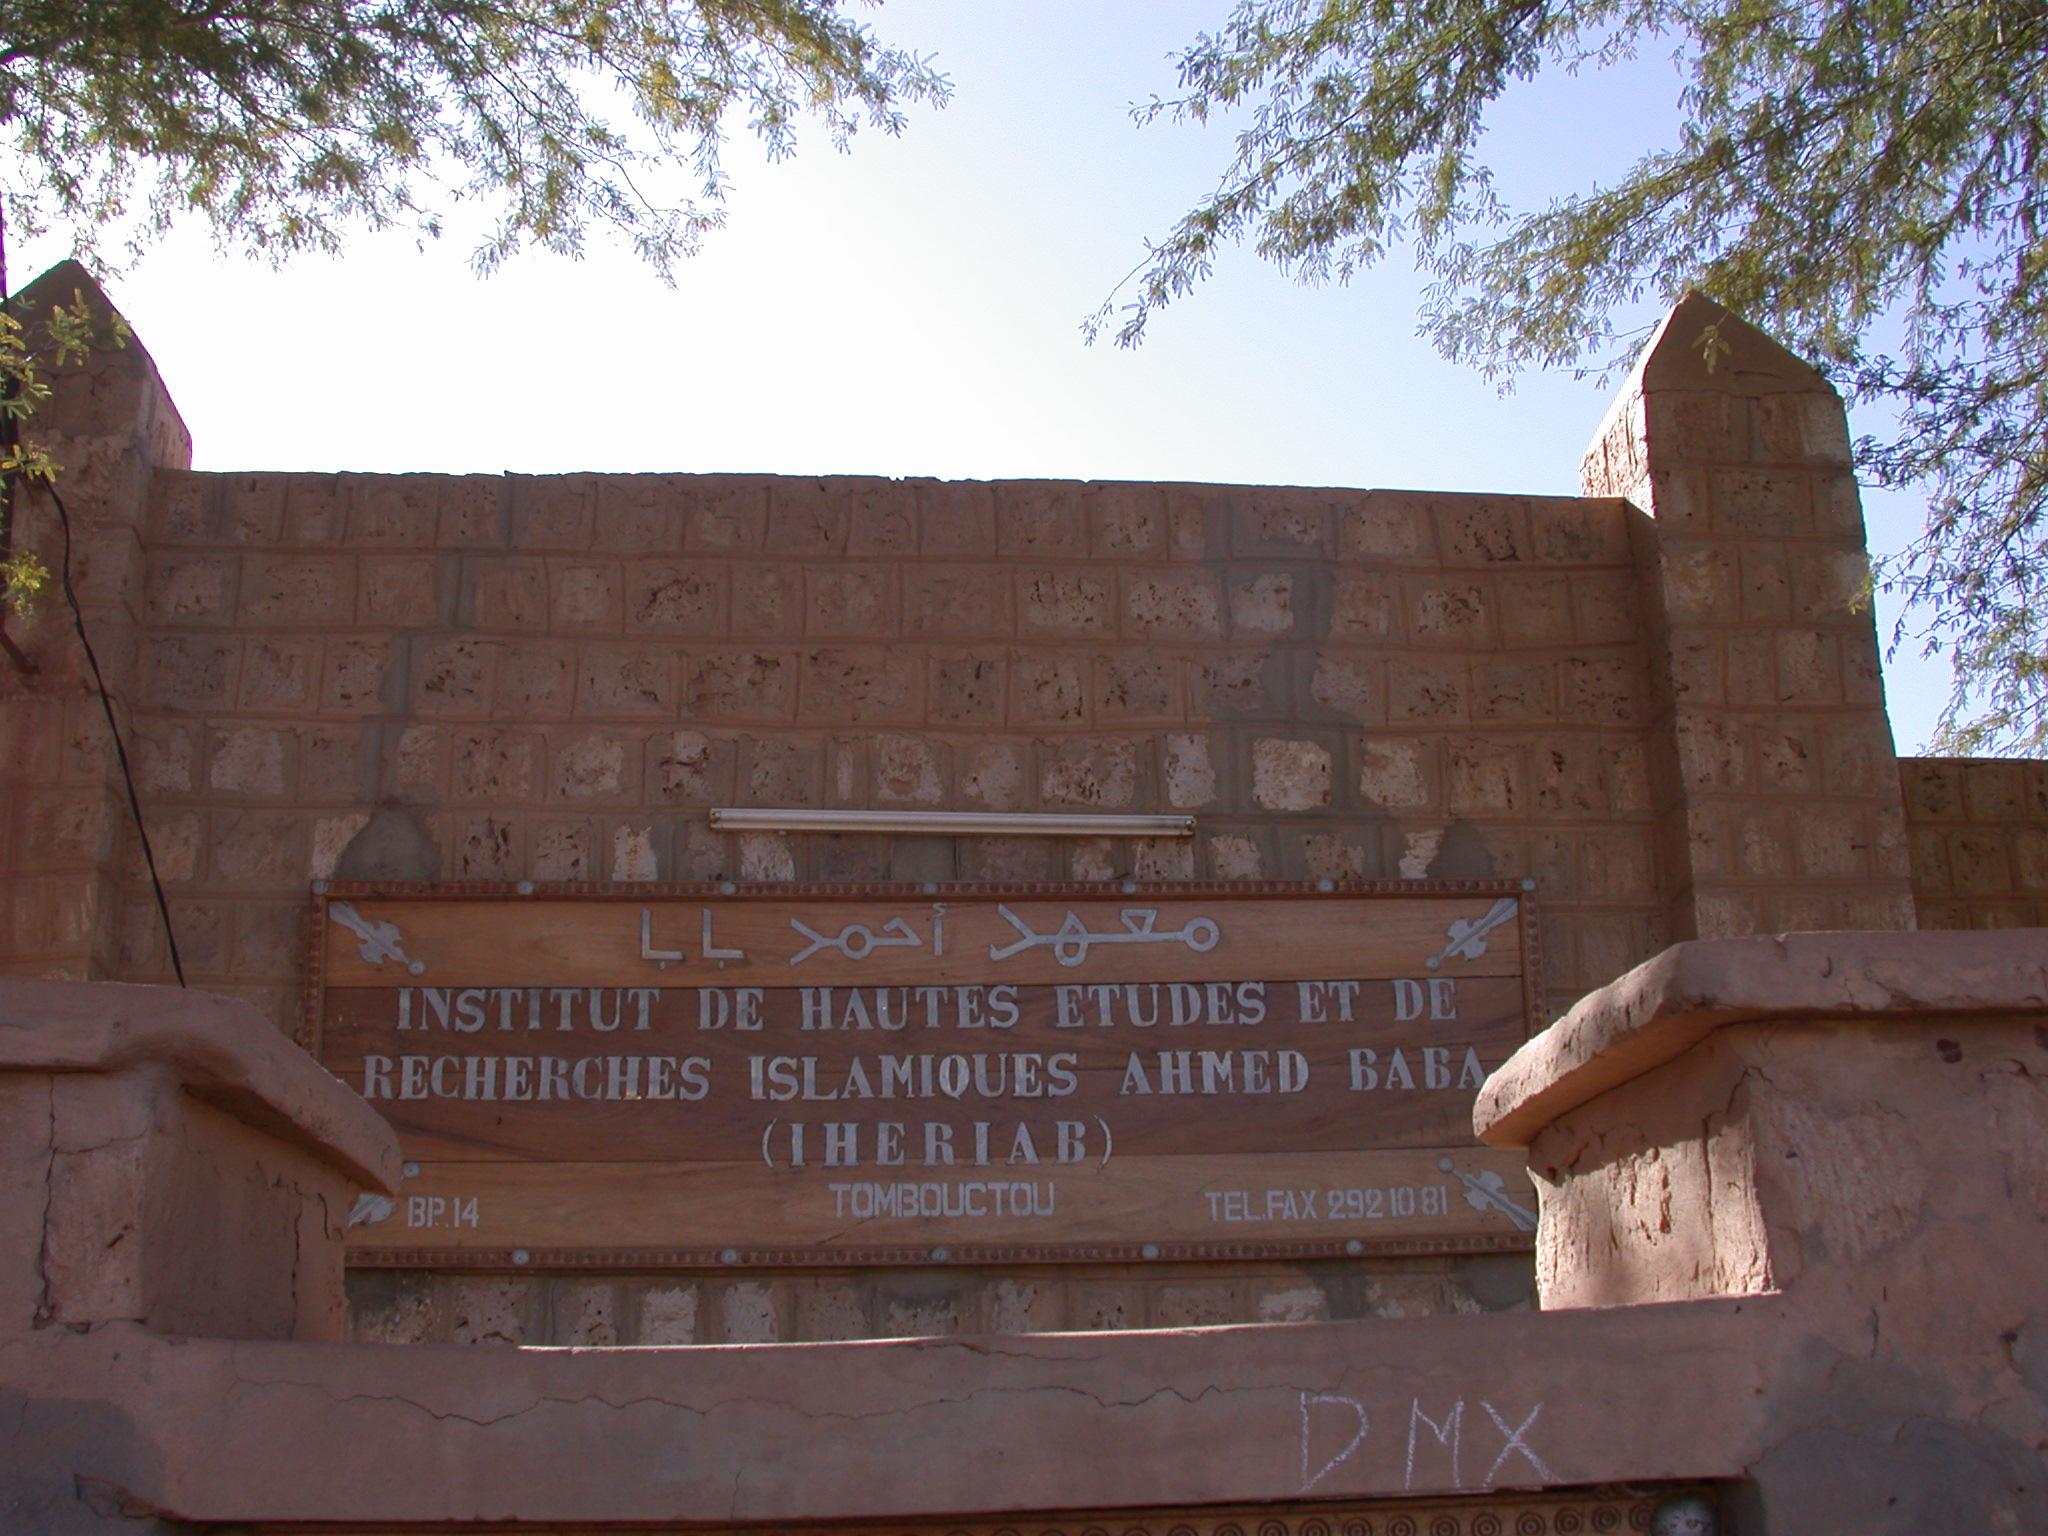 Sign for Ahmed Baba Institute, Institut des Hautes Etudes et de Recherches Islamiques, Timbuktu, Mali